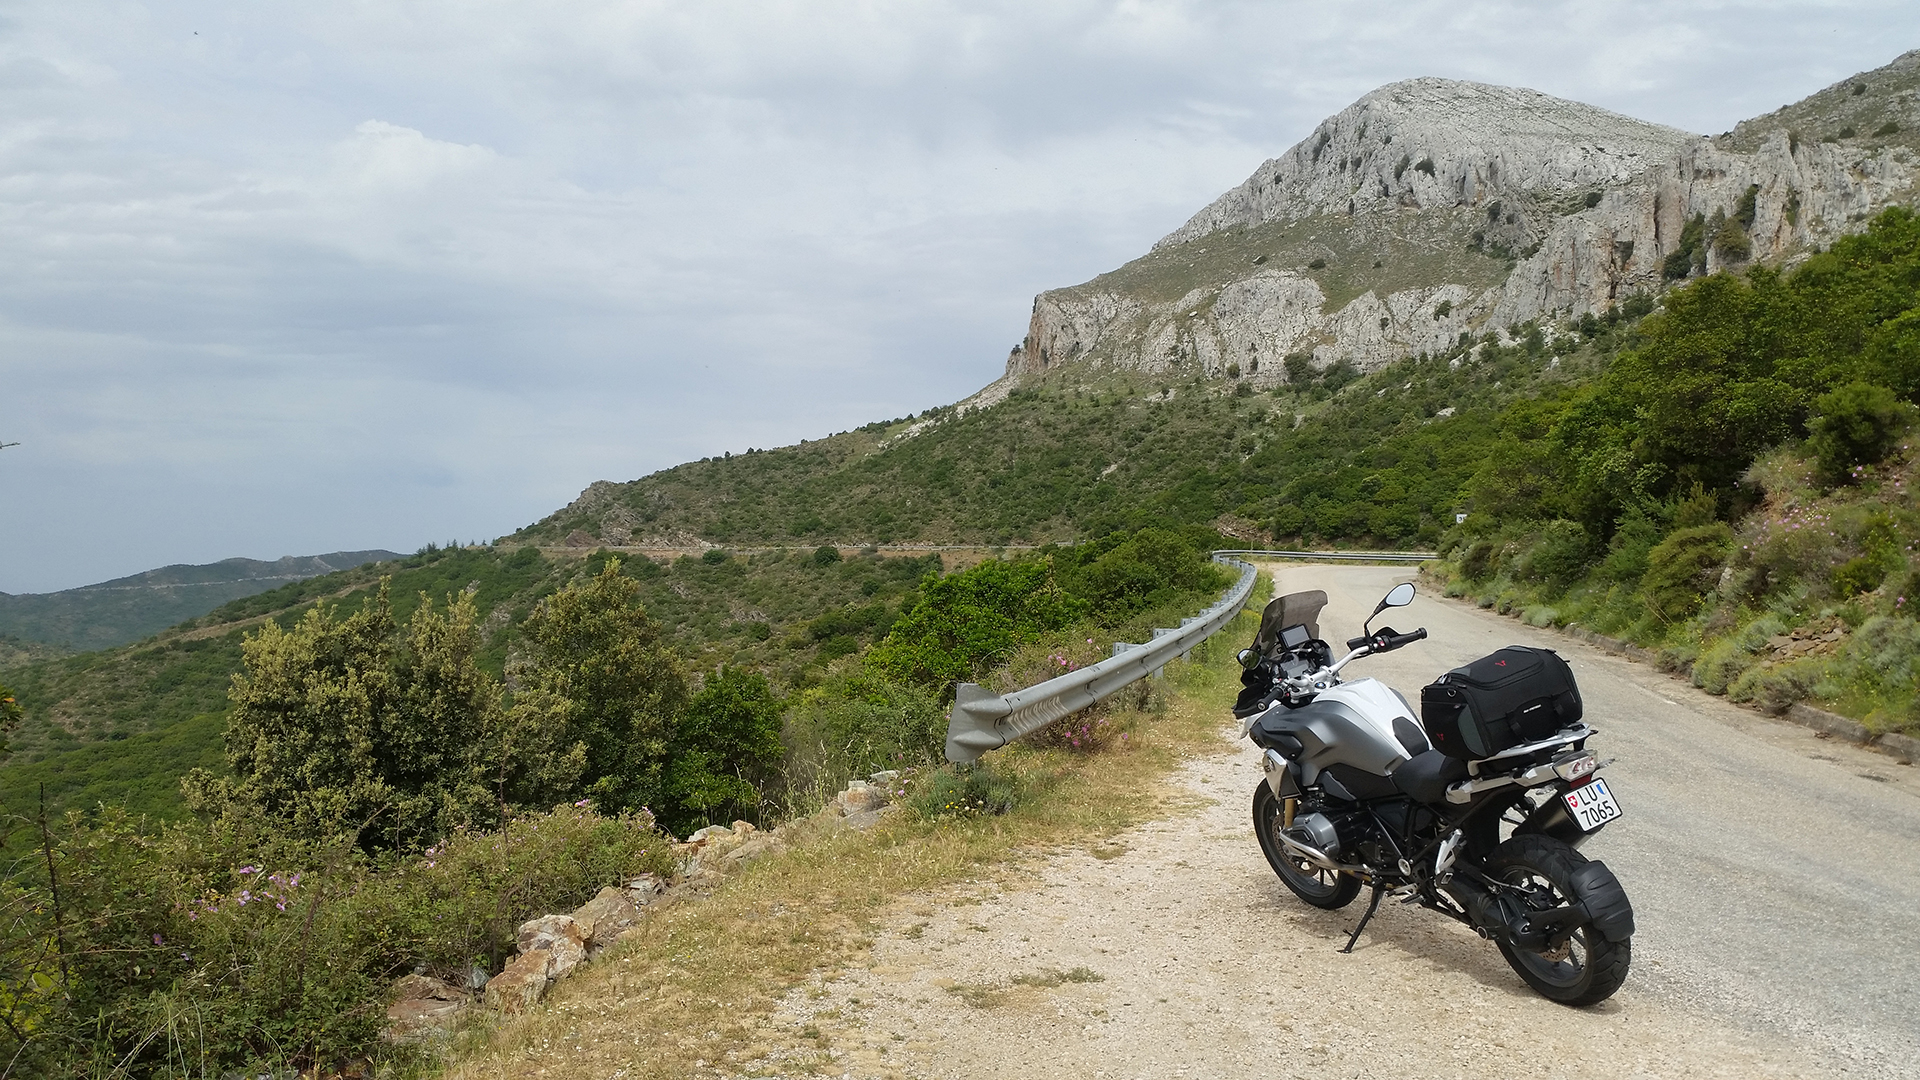 0821 - I (Sardegna) - Passo Monte Albo